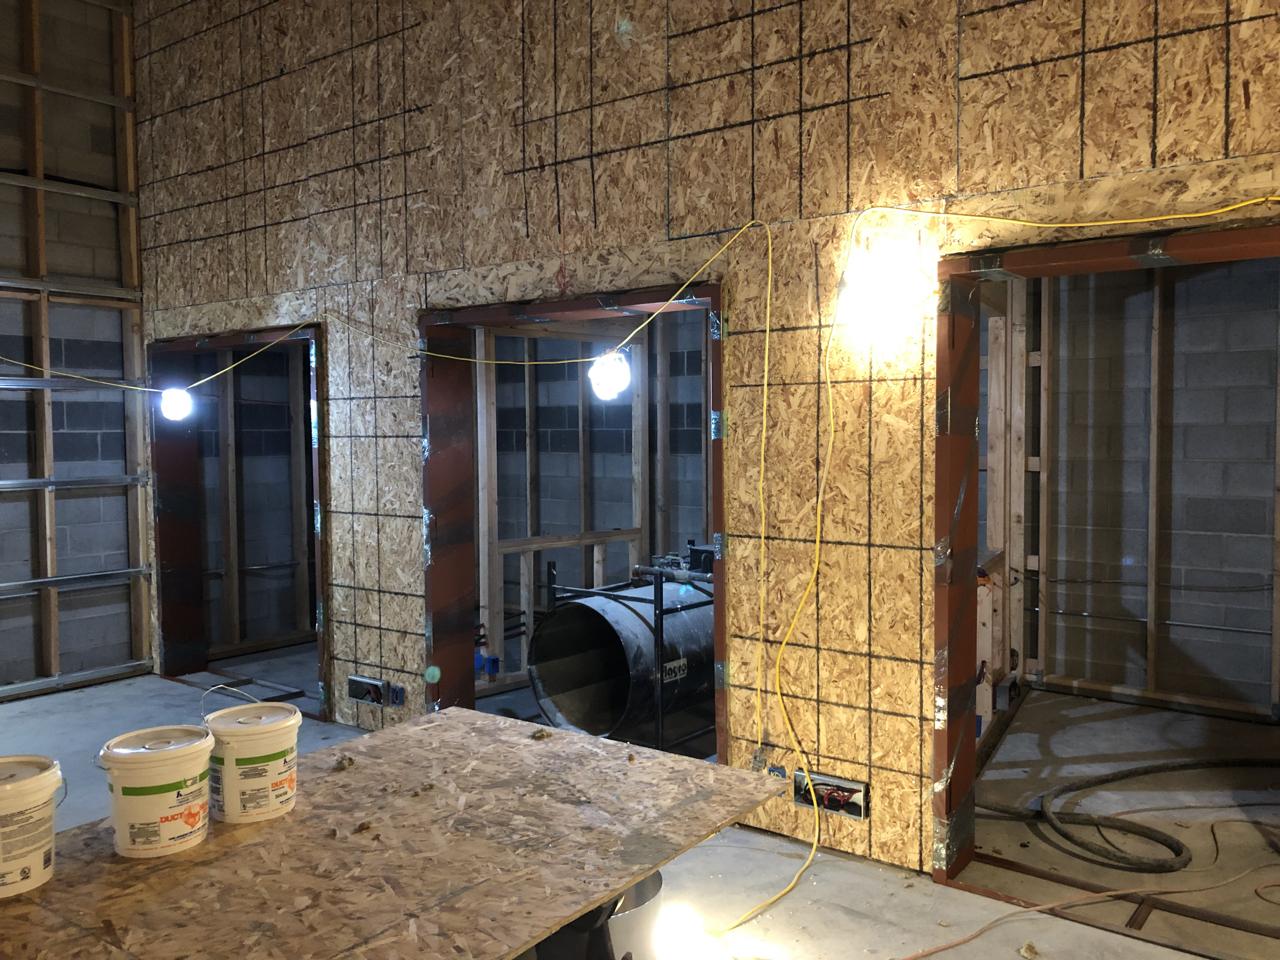 Studio 1 iso booths with door frames.